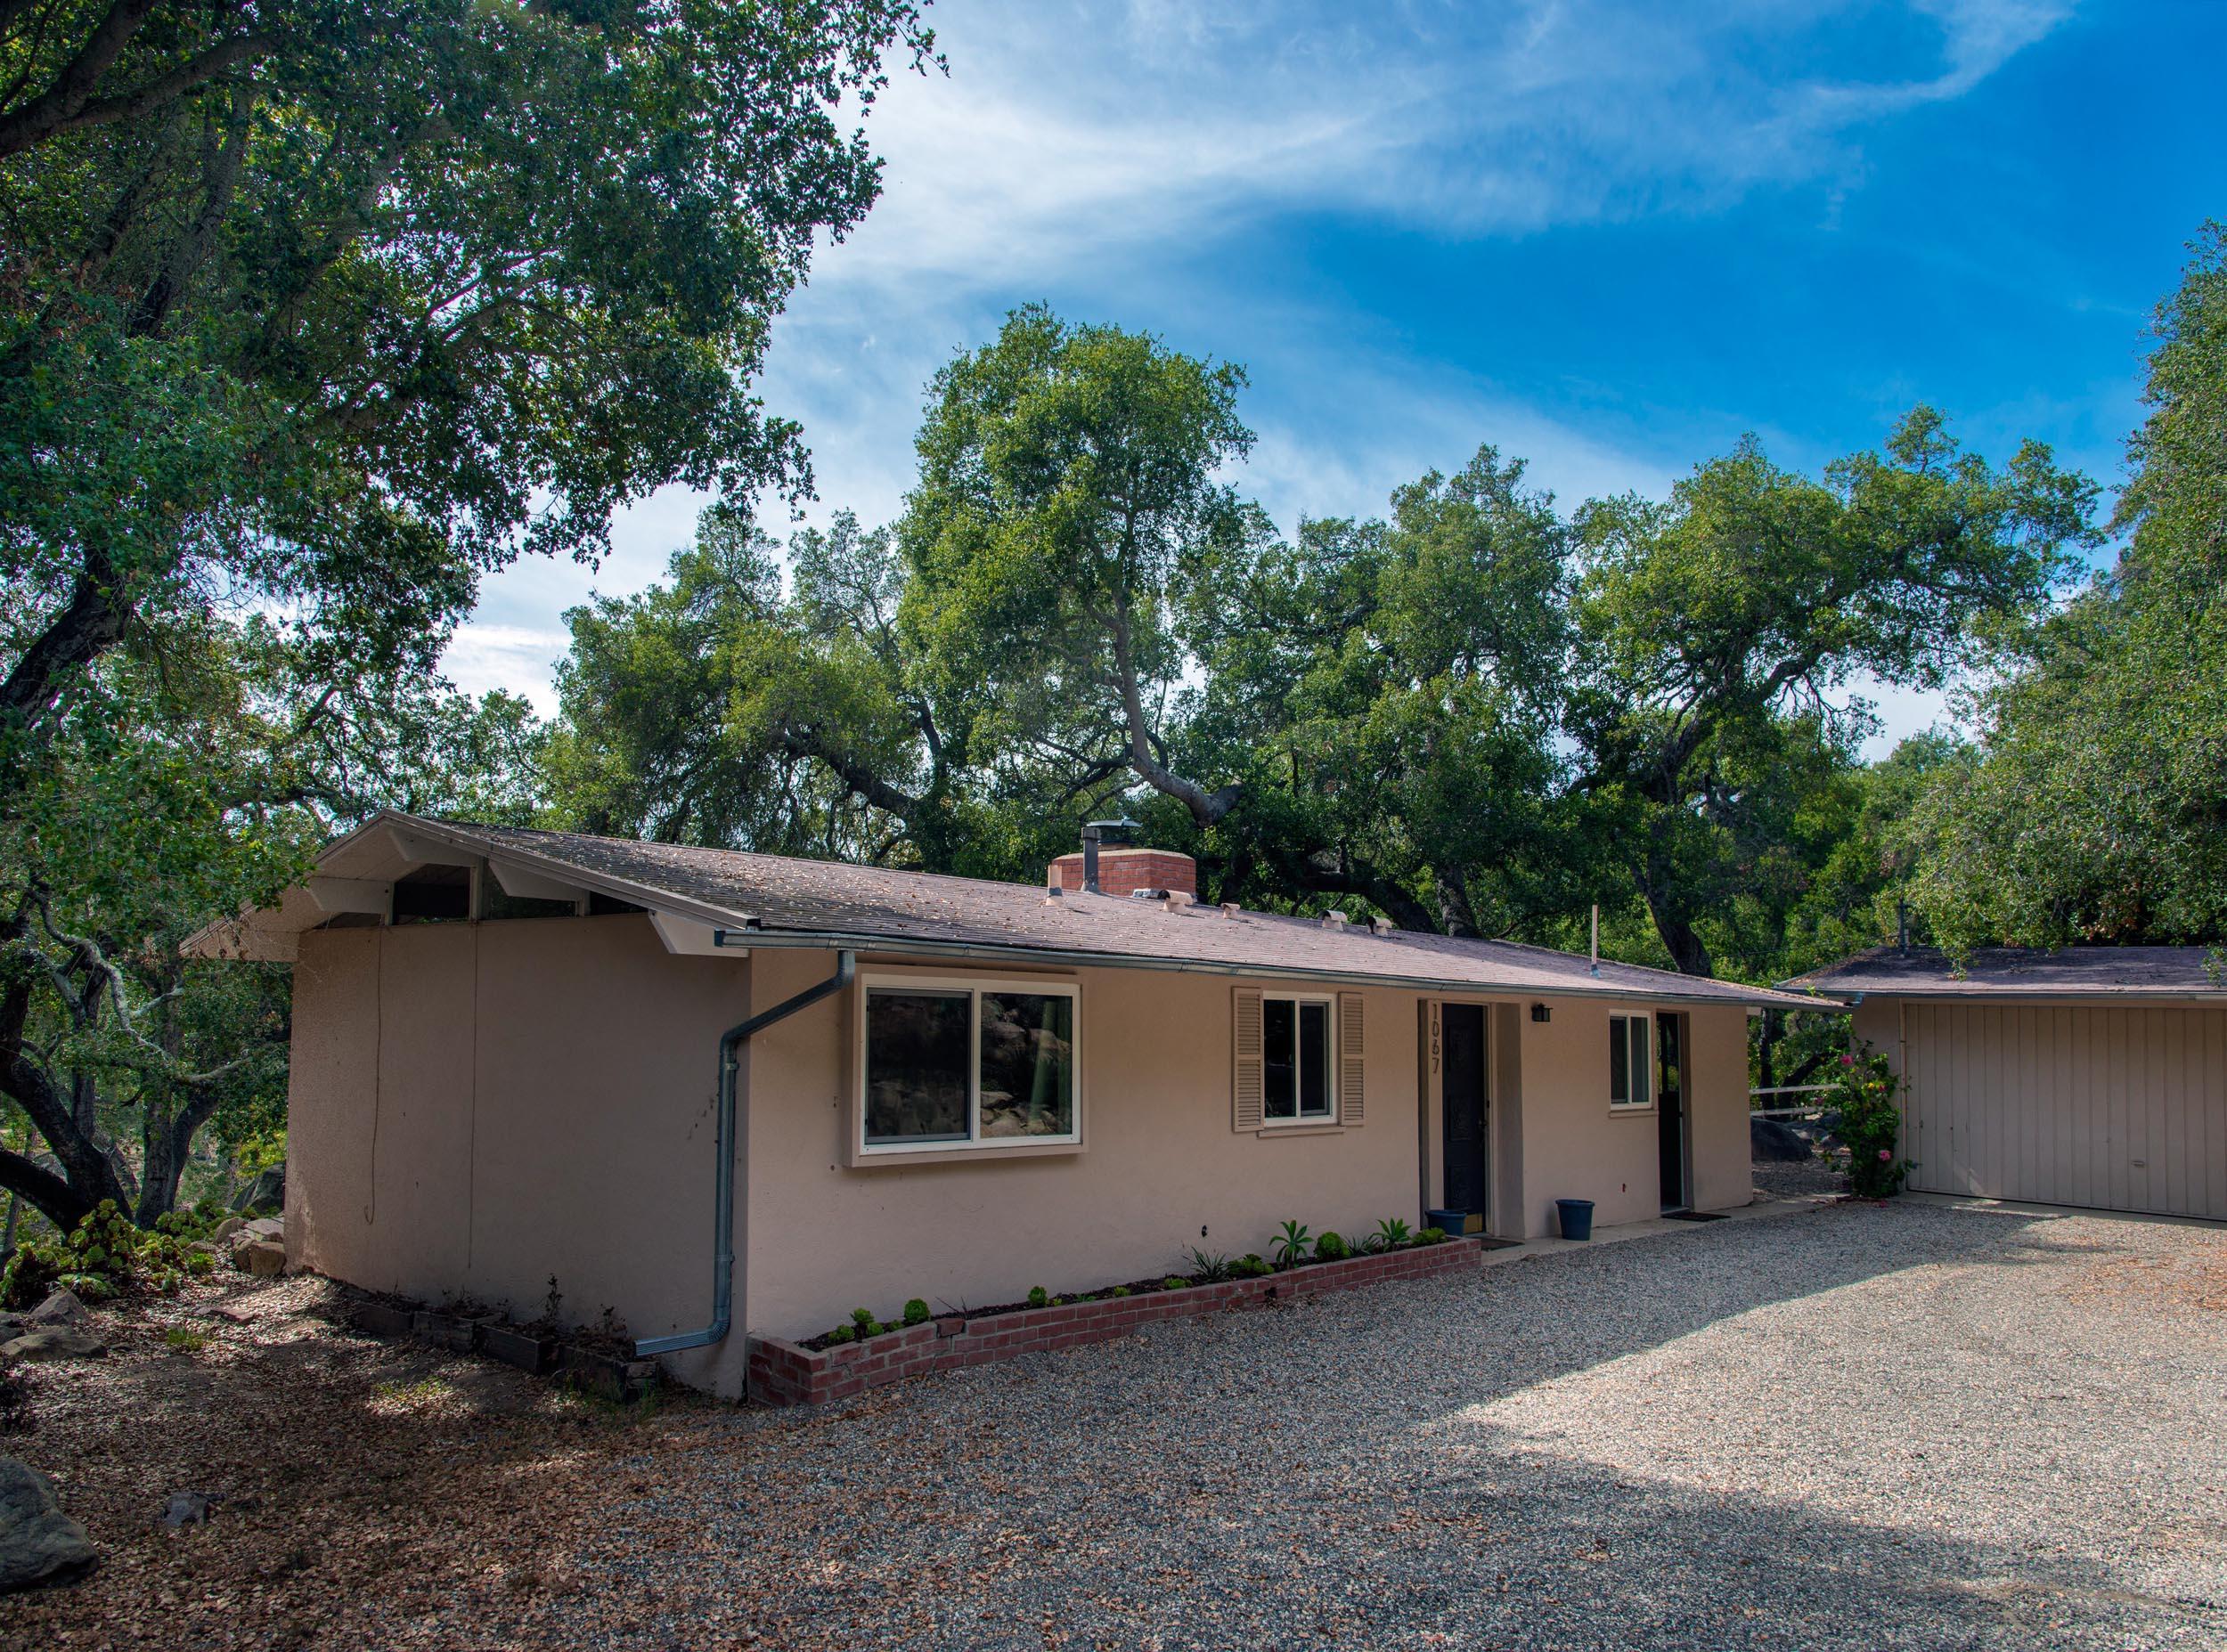 Property photo for 1067 E Mountain Dr Santa Barbara, California 93108 - 15-3270